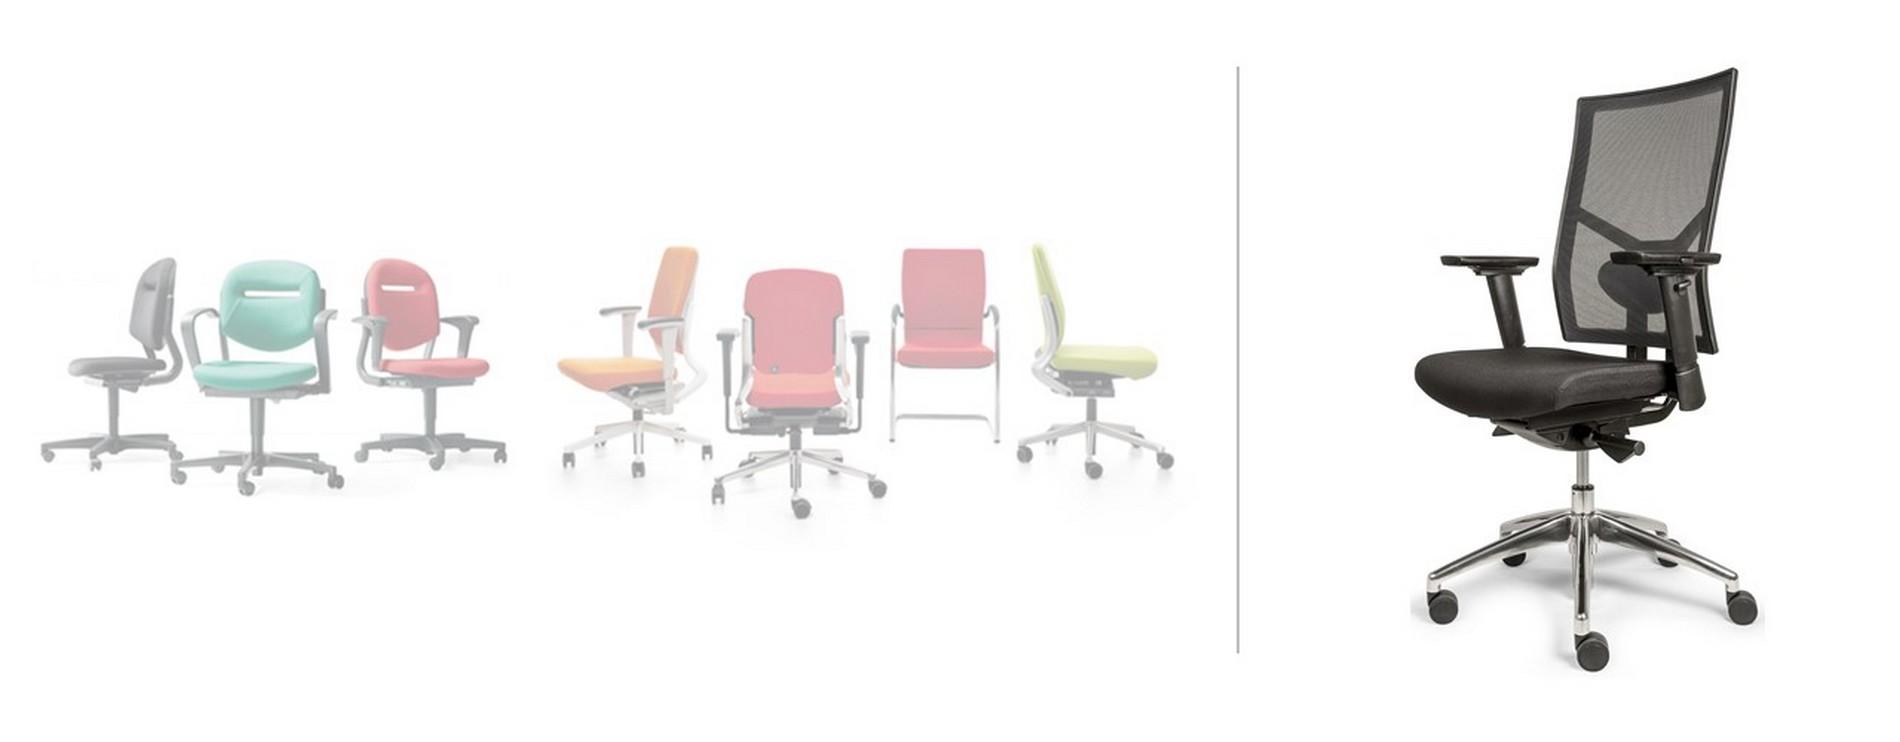 Ahrend bureaustoel alternatief in de kleur zwart